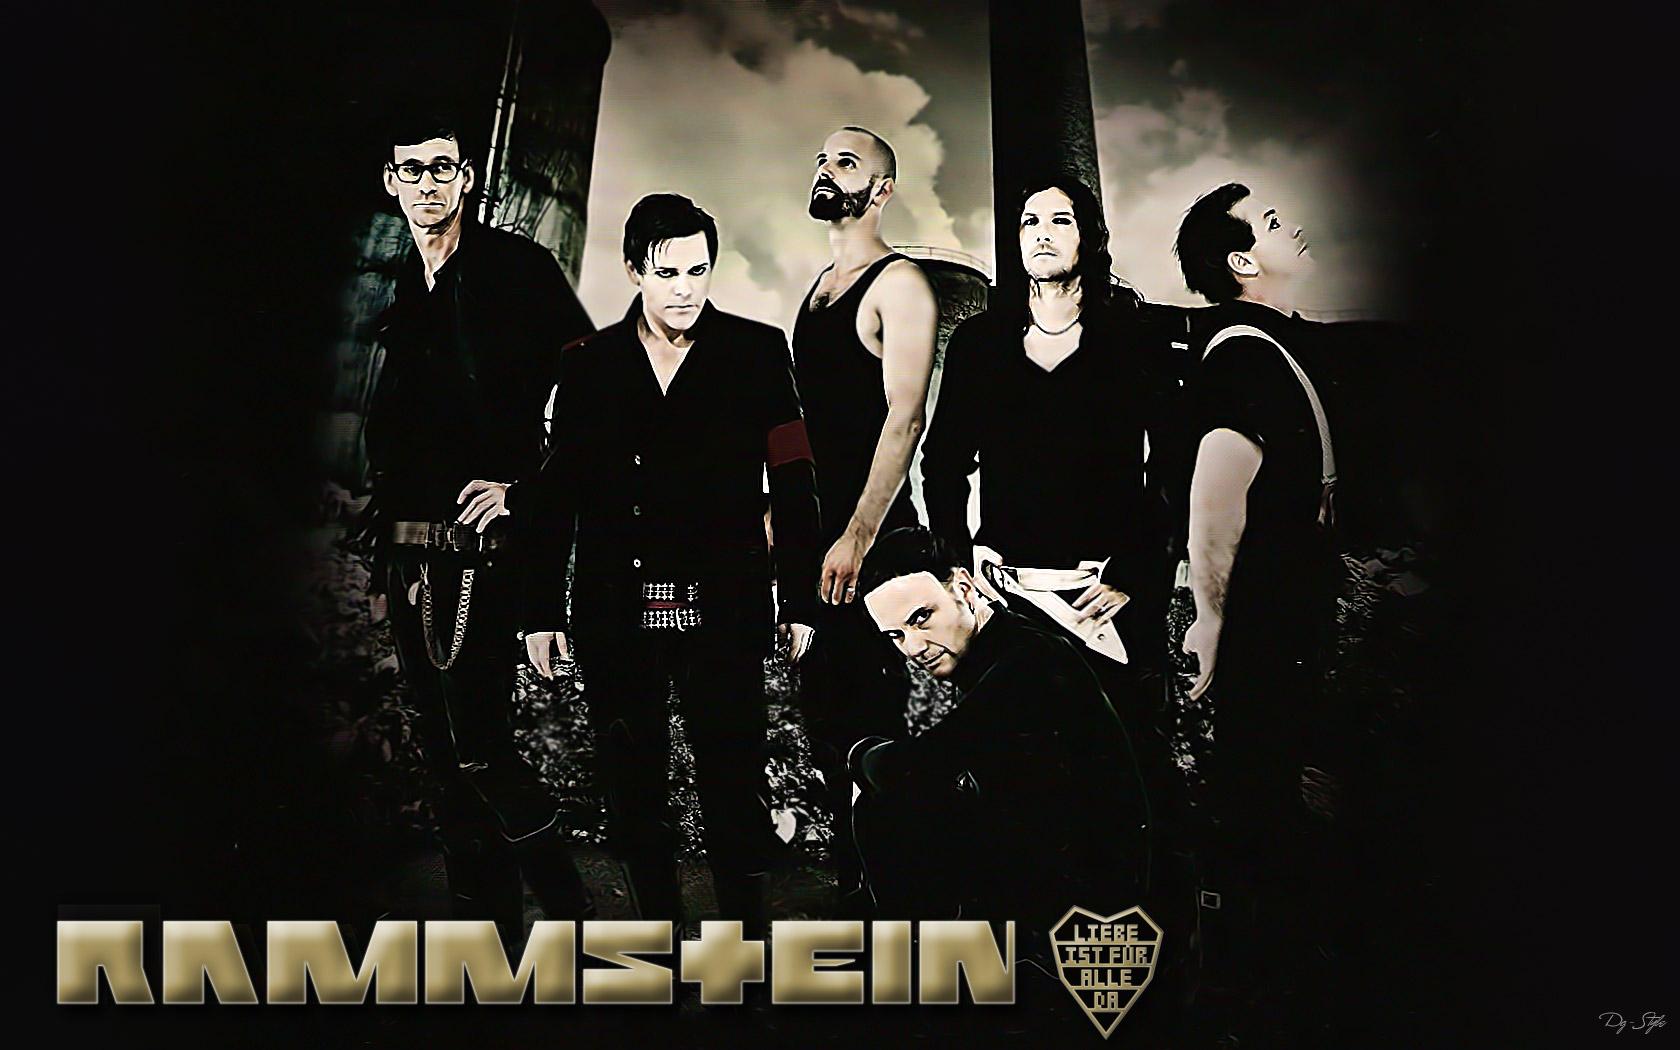 Rammstein - Pussy / Mein Teil